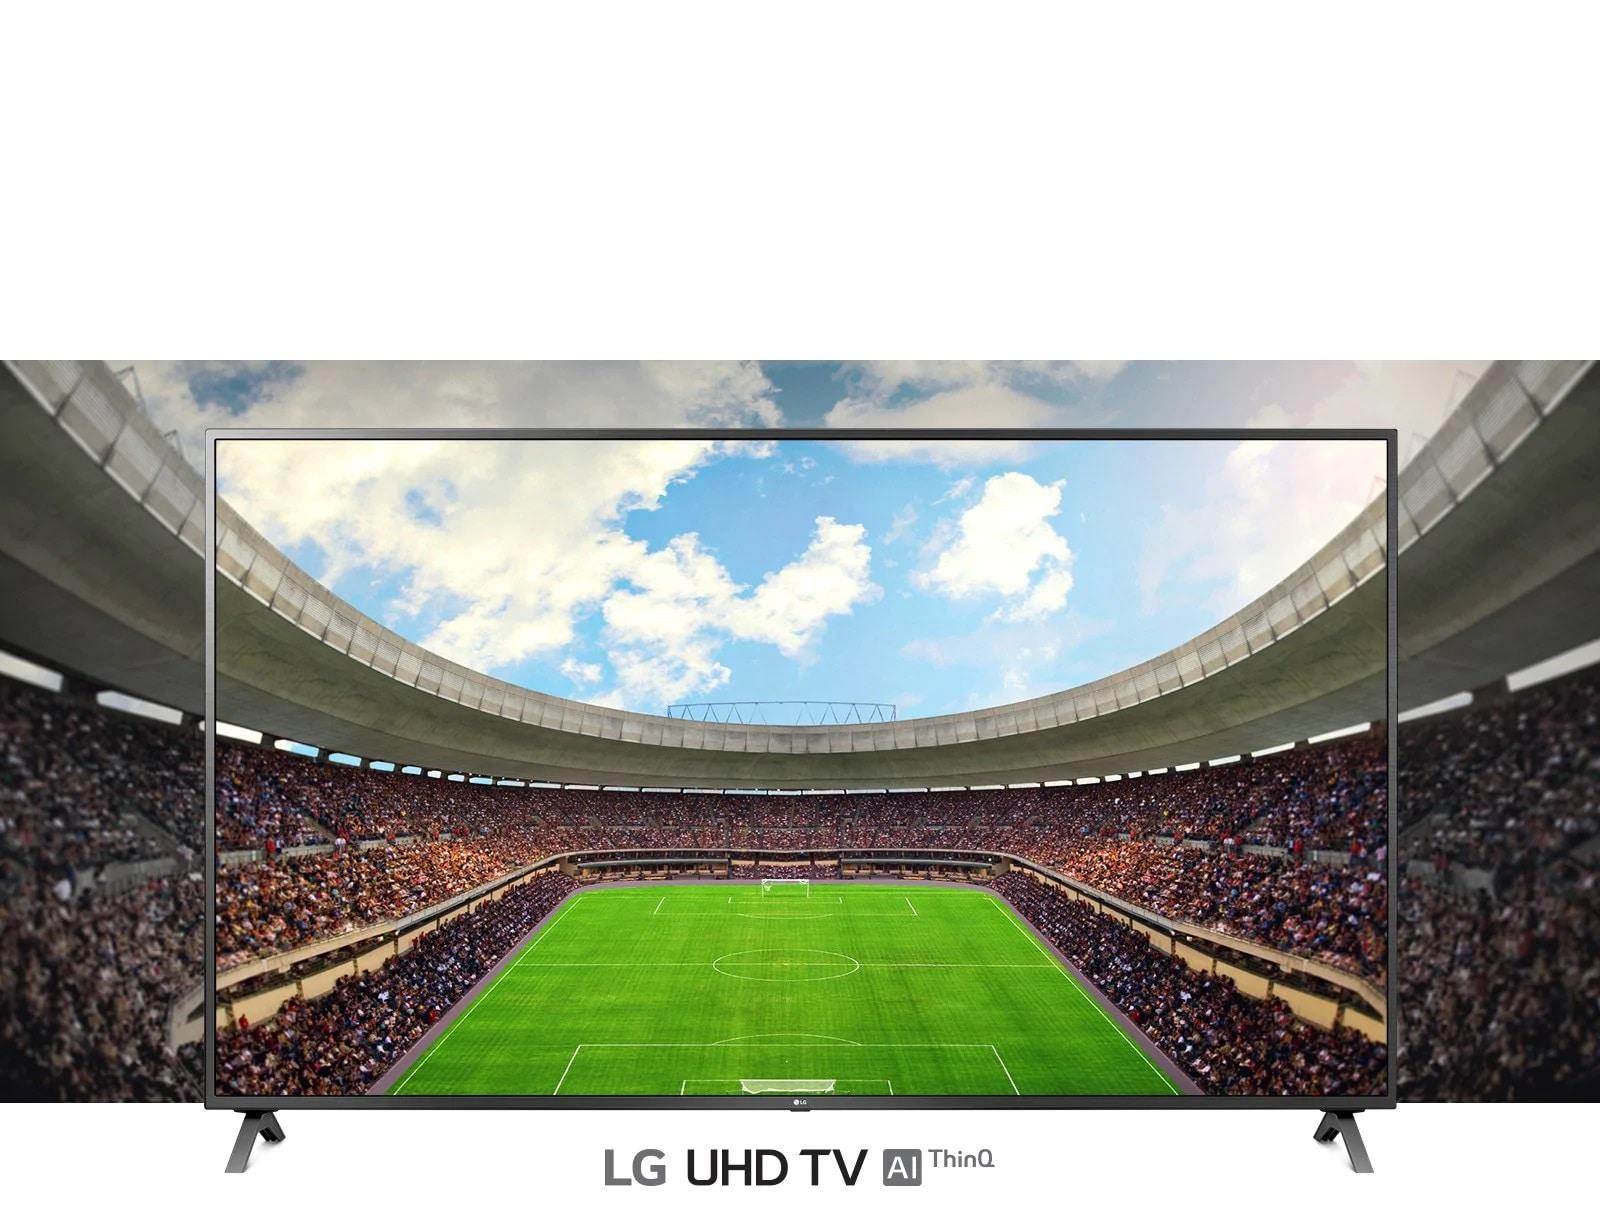 Телевизор с настоящим разрешением 4K для всех ваших развлечений1